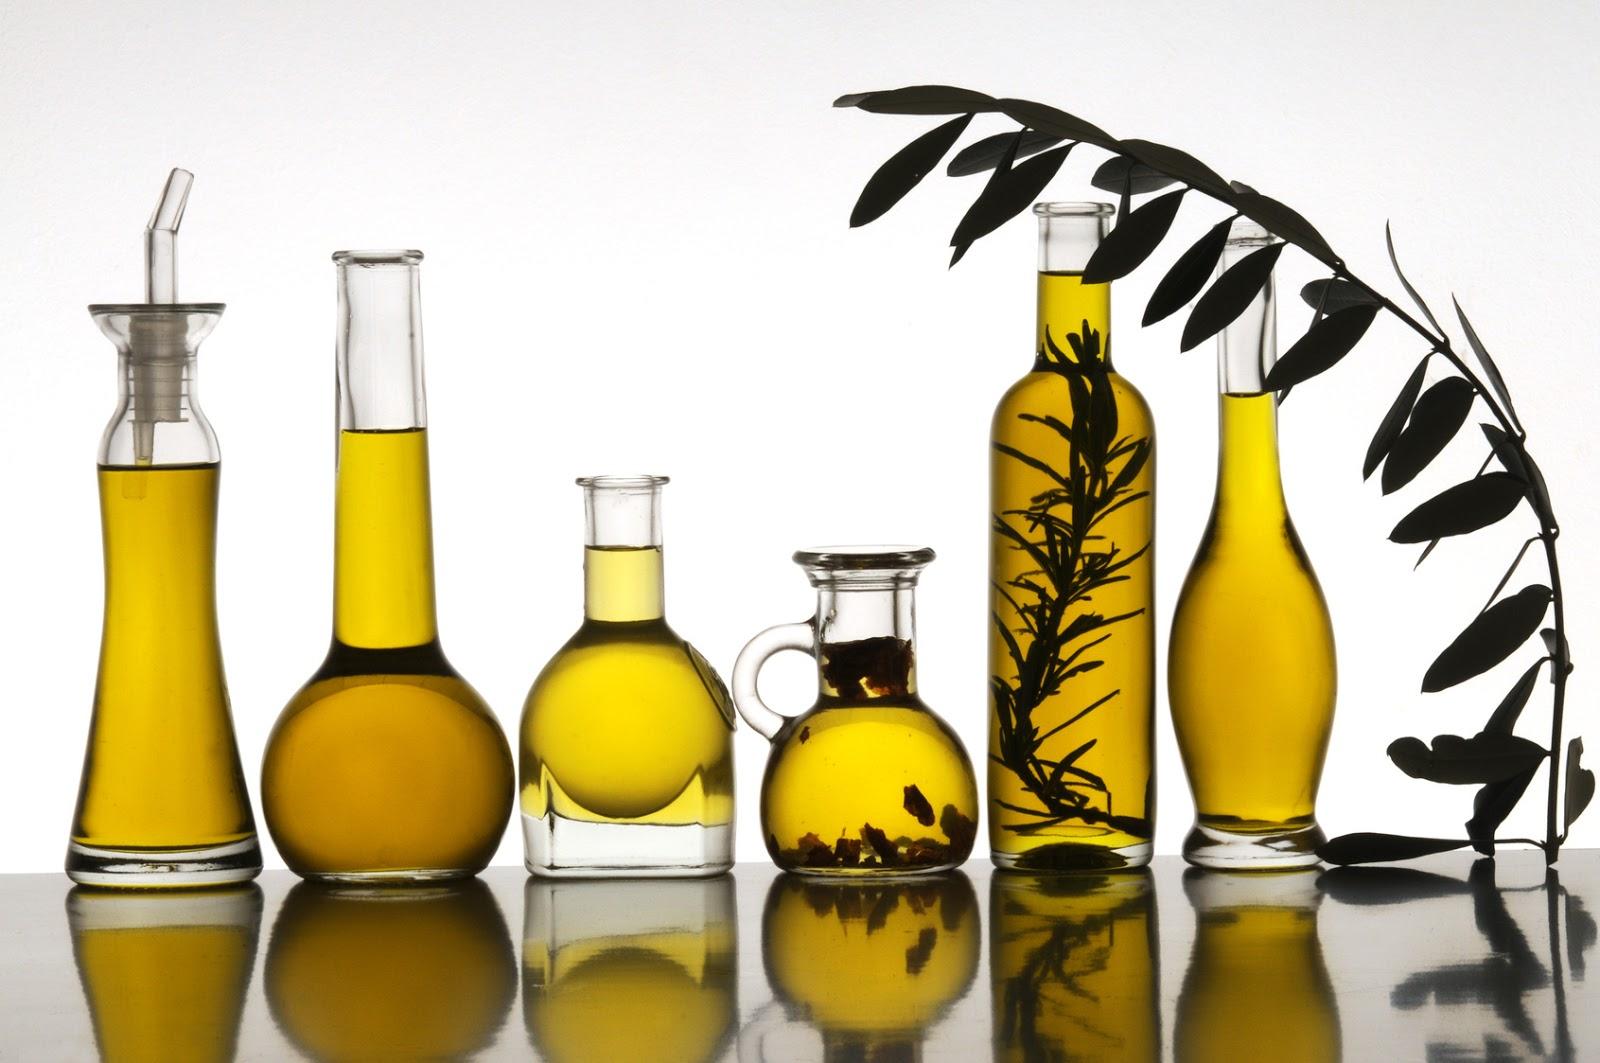 5 des meilleures huiles v g tales pour cheveux et o les trouver abidjan nappy diary. Black Bedroom Furniture Sets. Home Design Ideas